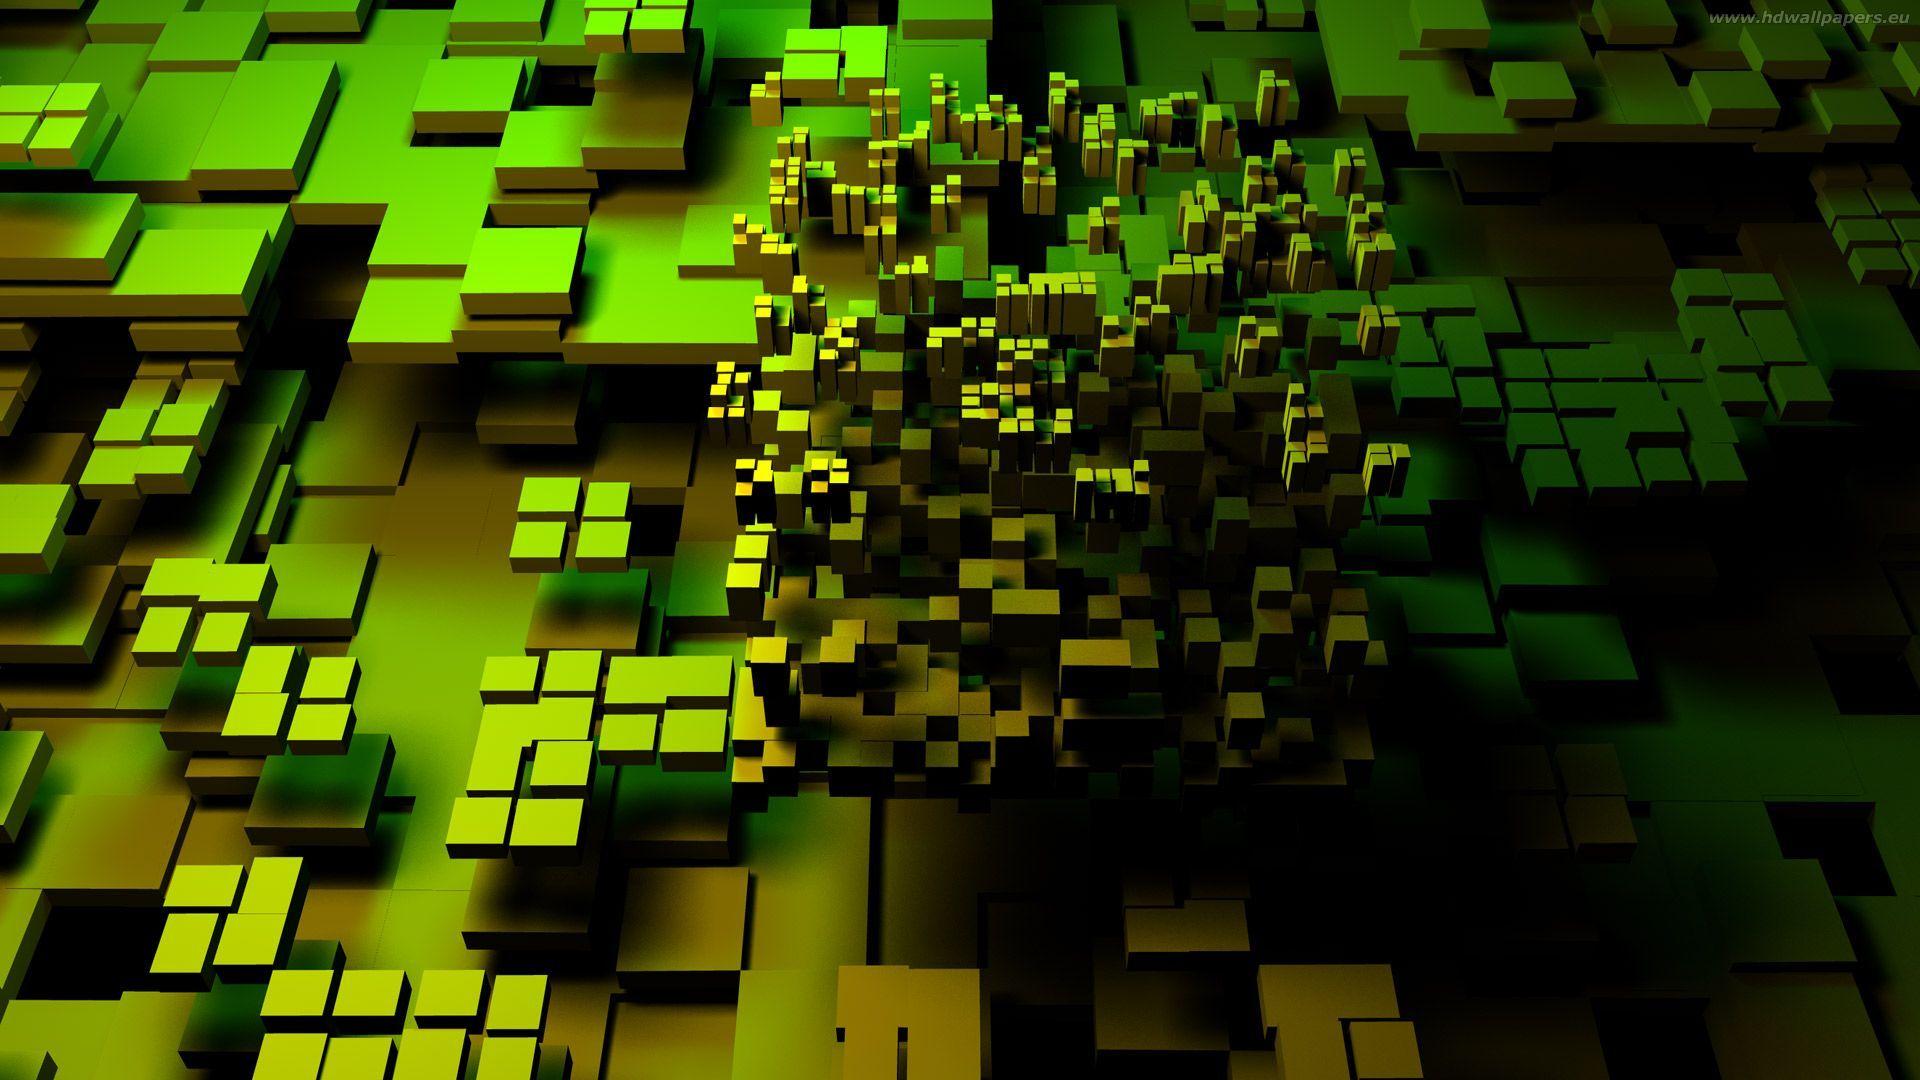 Full HD 3D Wallpapers 1920x1080 - Wallpaper Cave